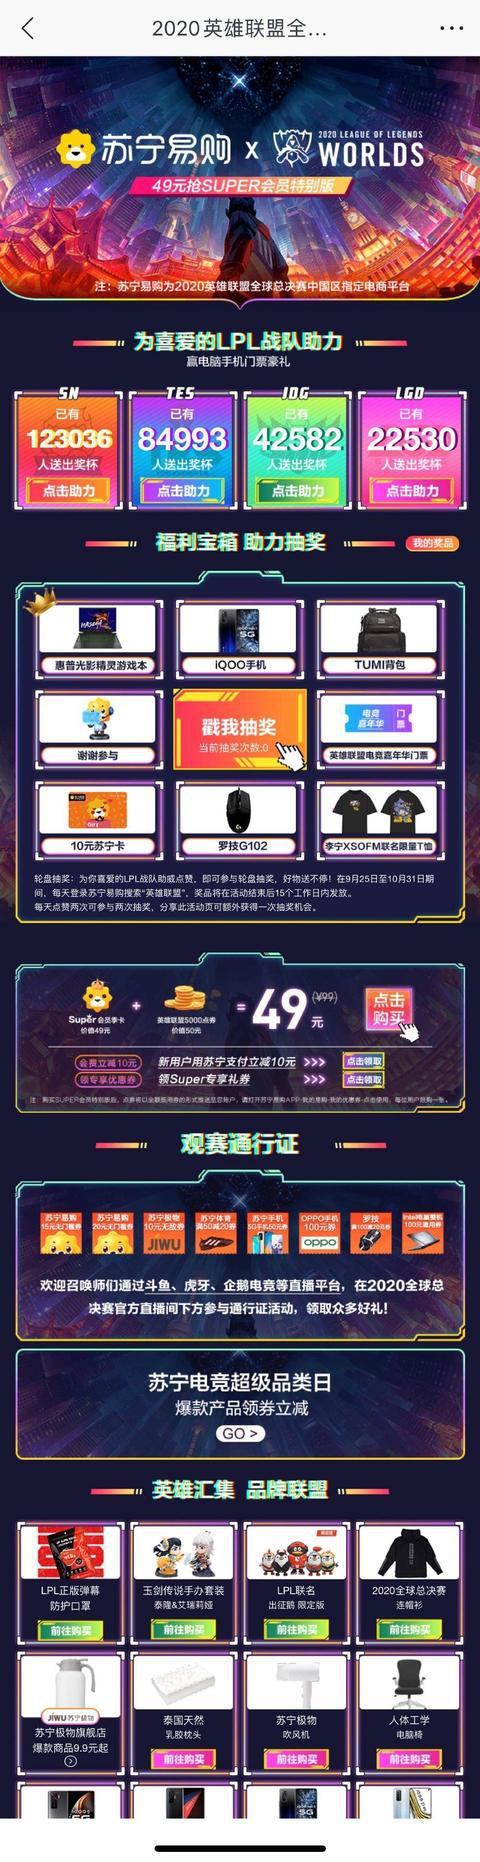 """S10电商之战,张康阳喊话""""随缘补刀,不服来战"""""""